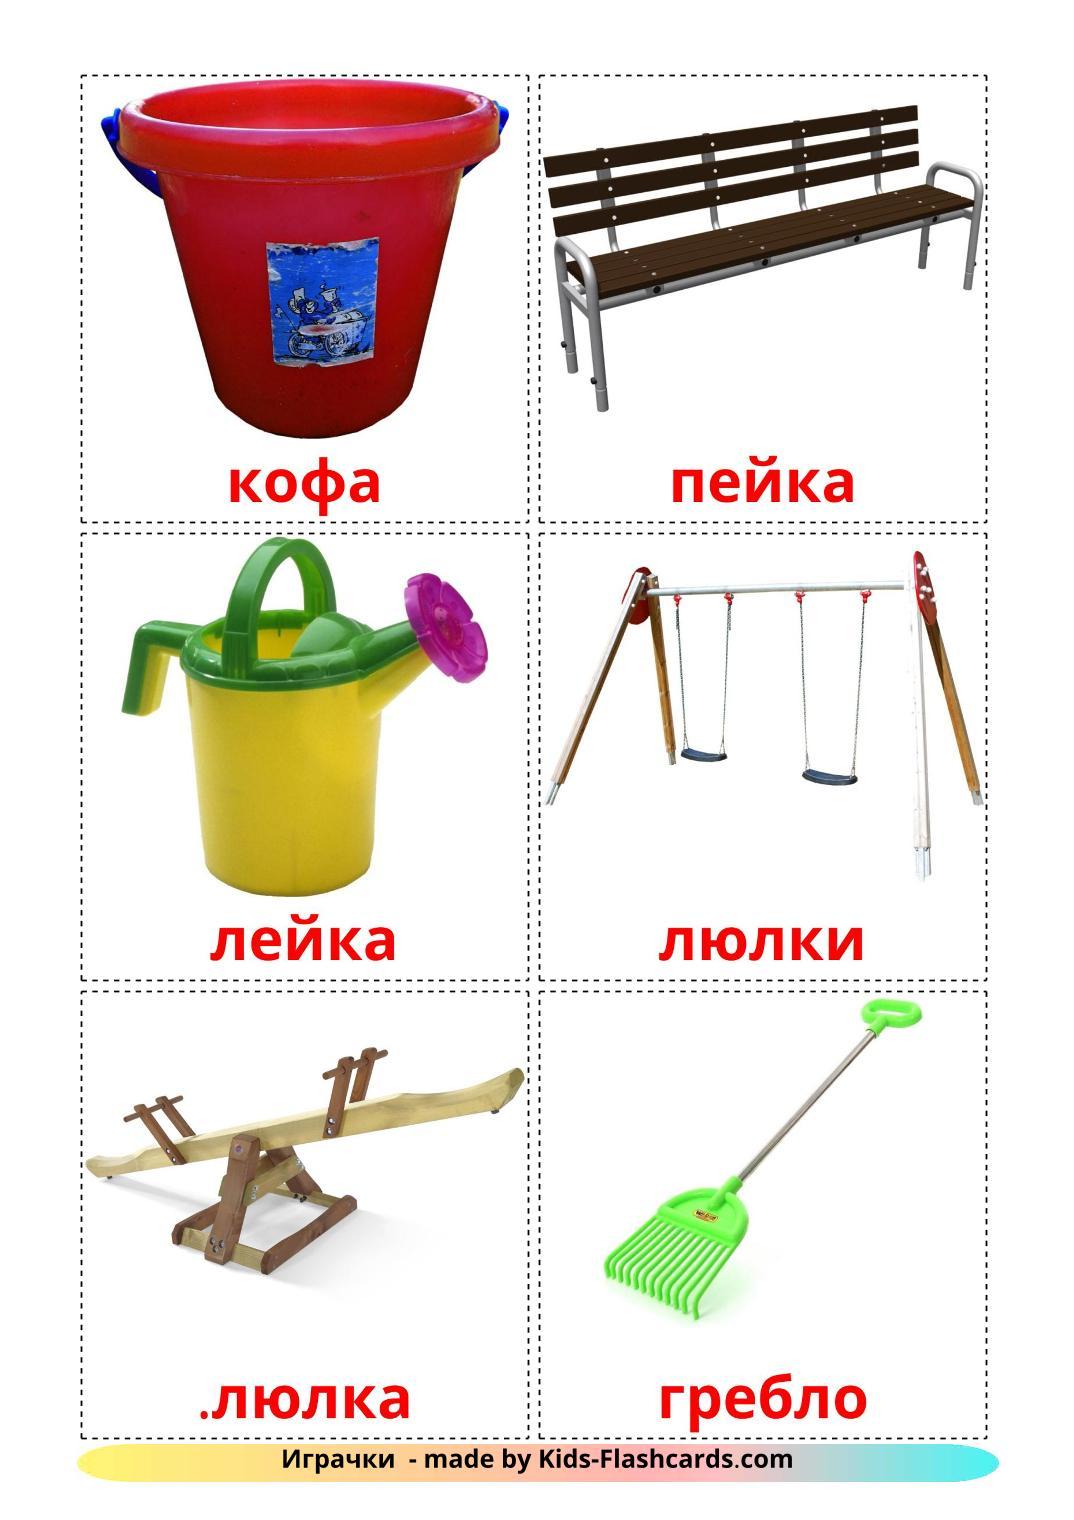 Игровая площадка - 13 Карточек Домана на болгарском